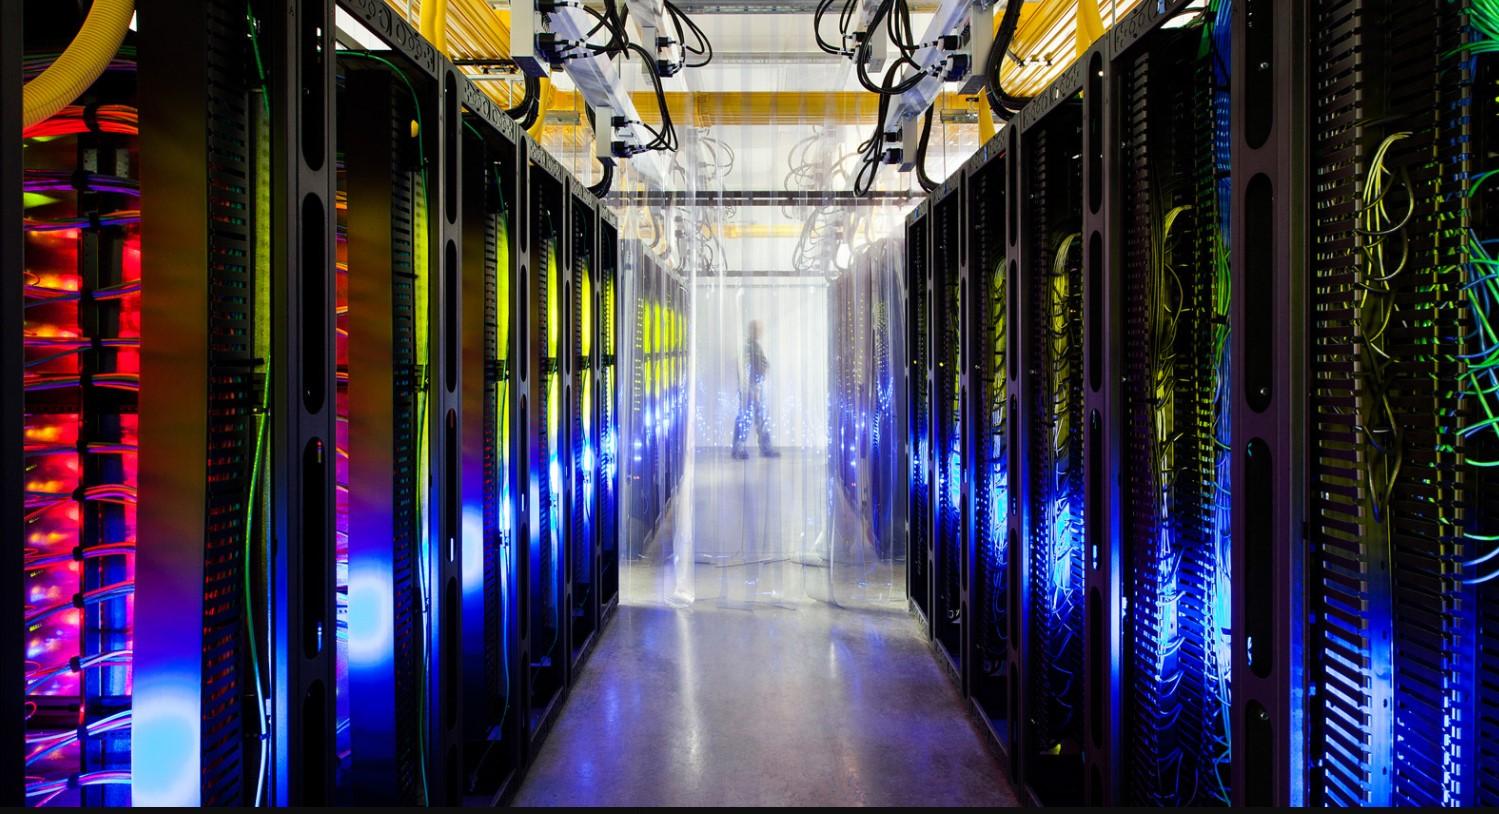 REITs Centros de datos - REITs data center